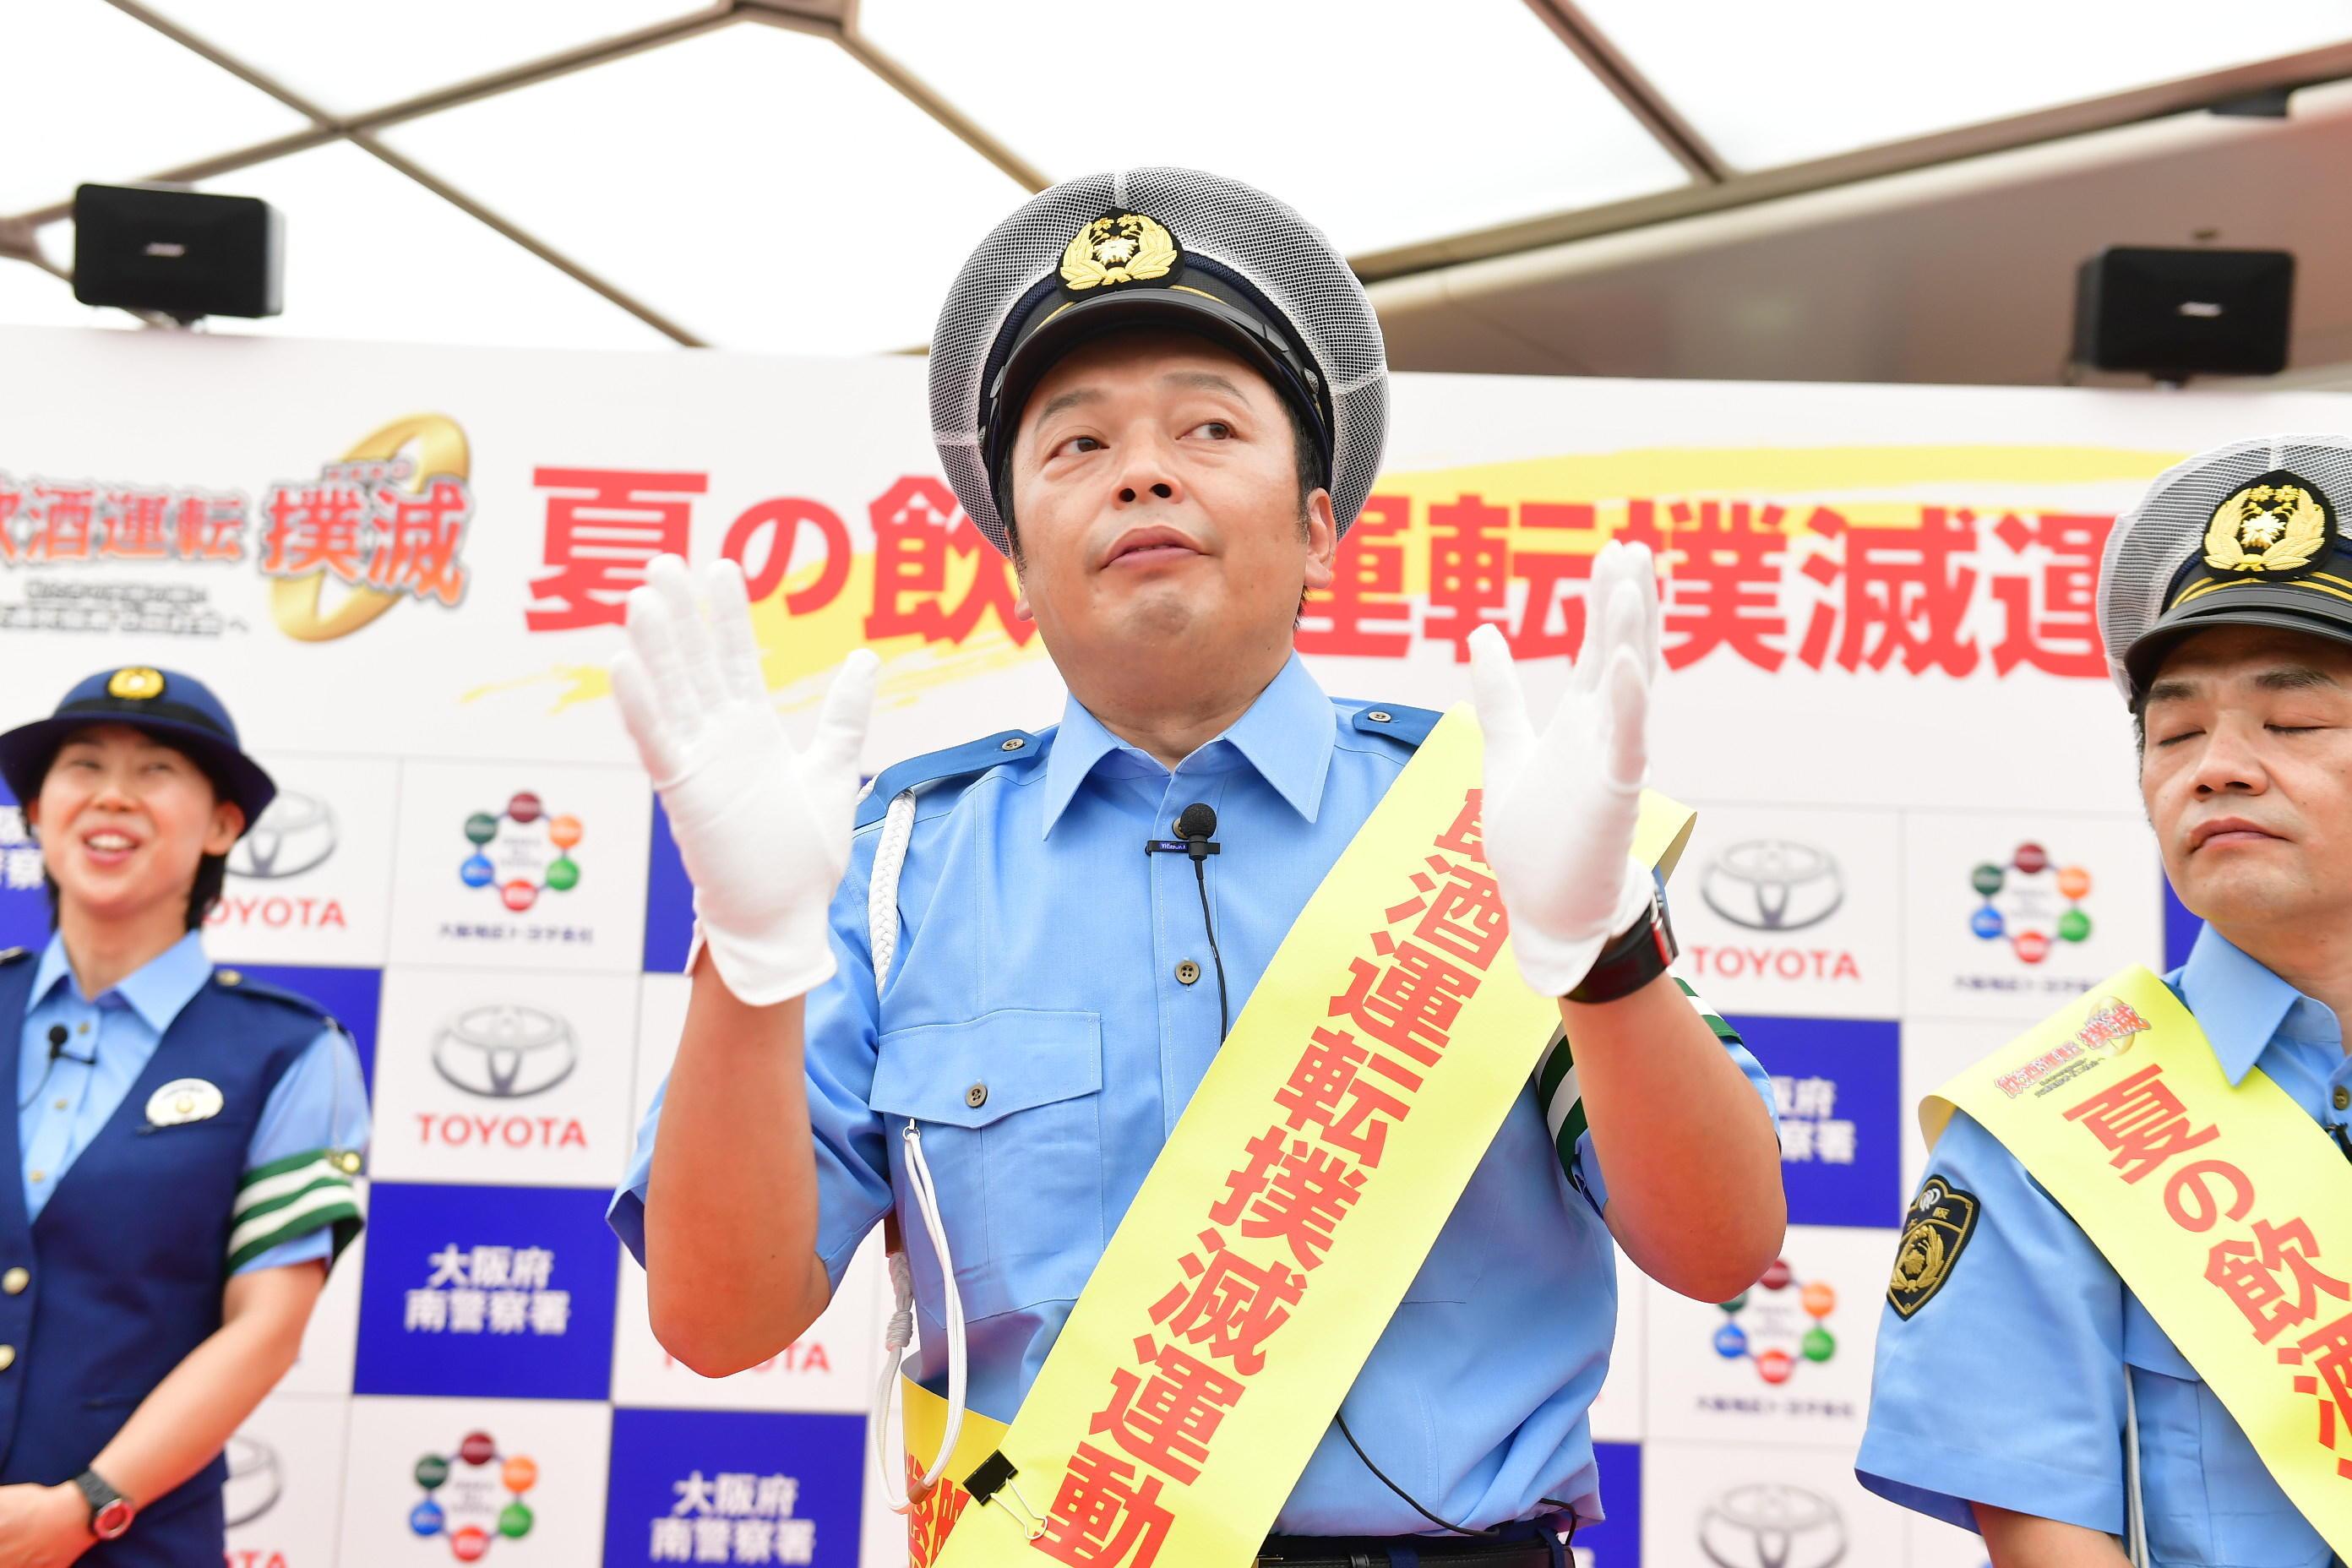 http://news.yoshimoto.co.jp/20180727202027-ec677ca94b96603c0a6676f56de6a234682d9cef.jpg